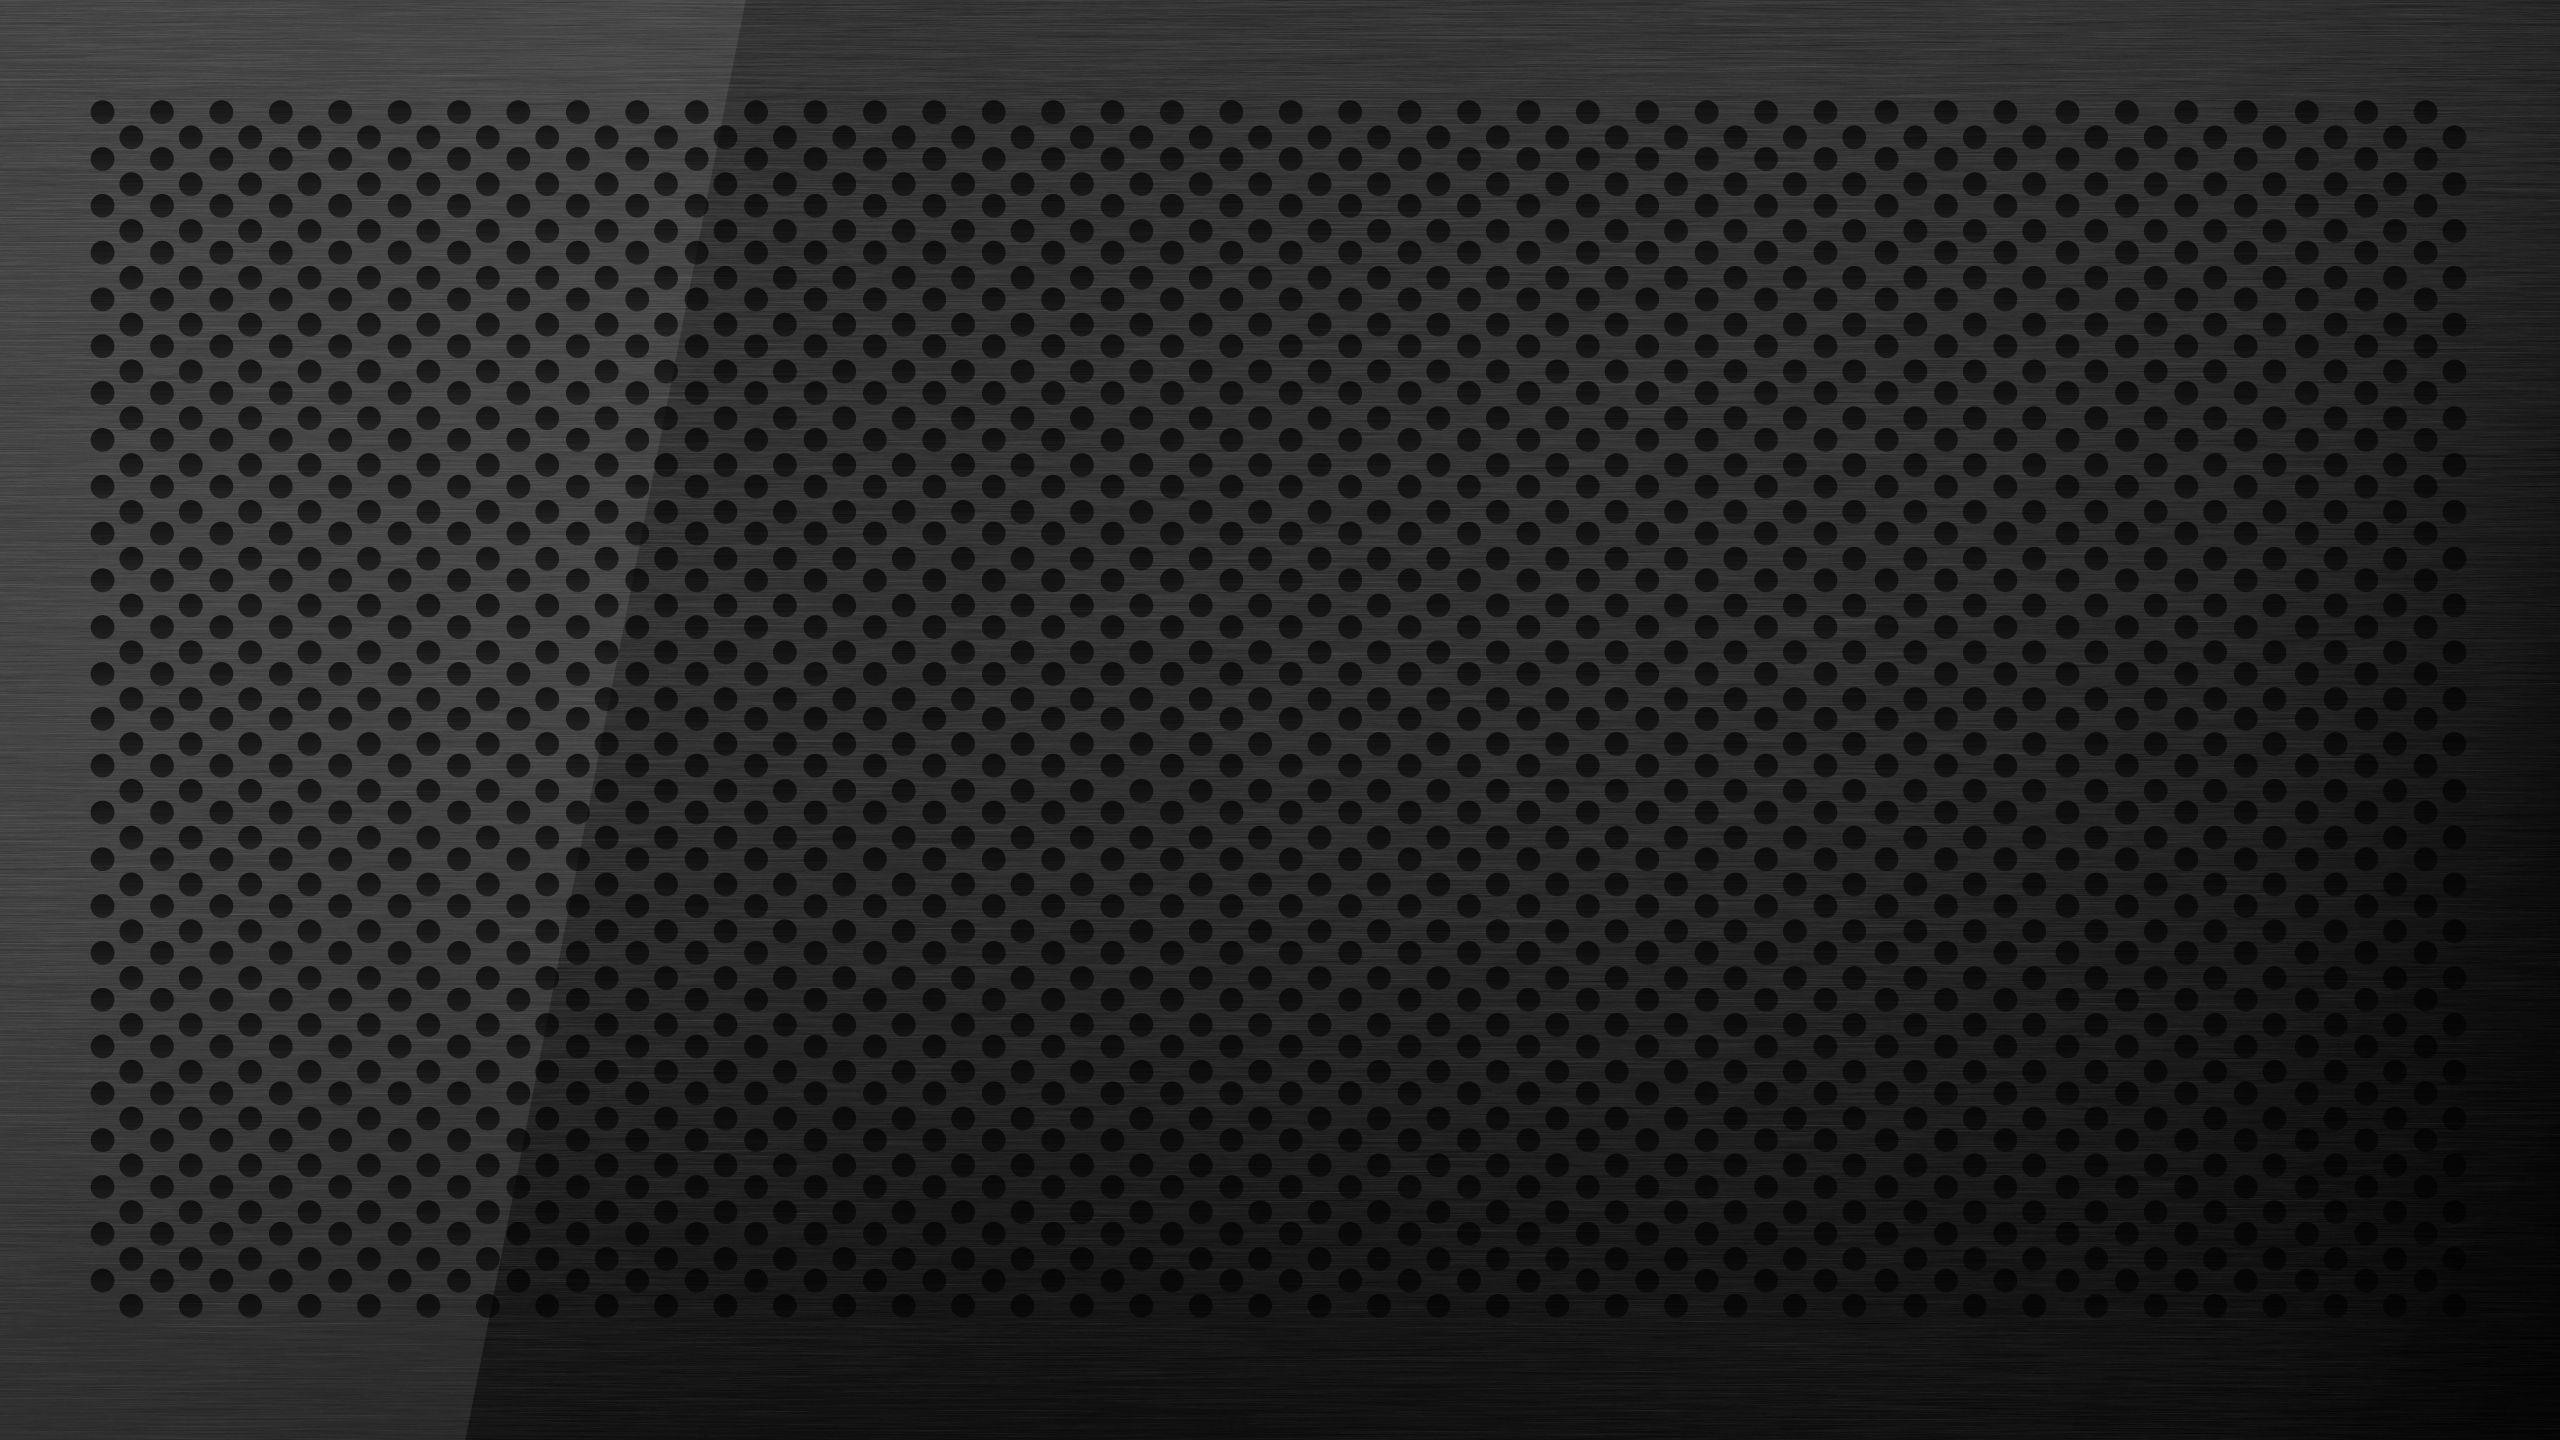 PAMEPERIPATO Cool Keynote Backgrounds 2560x1440